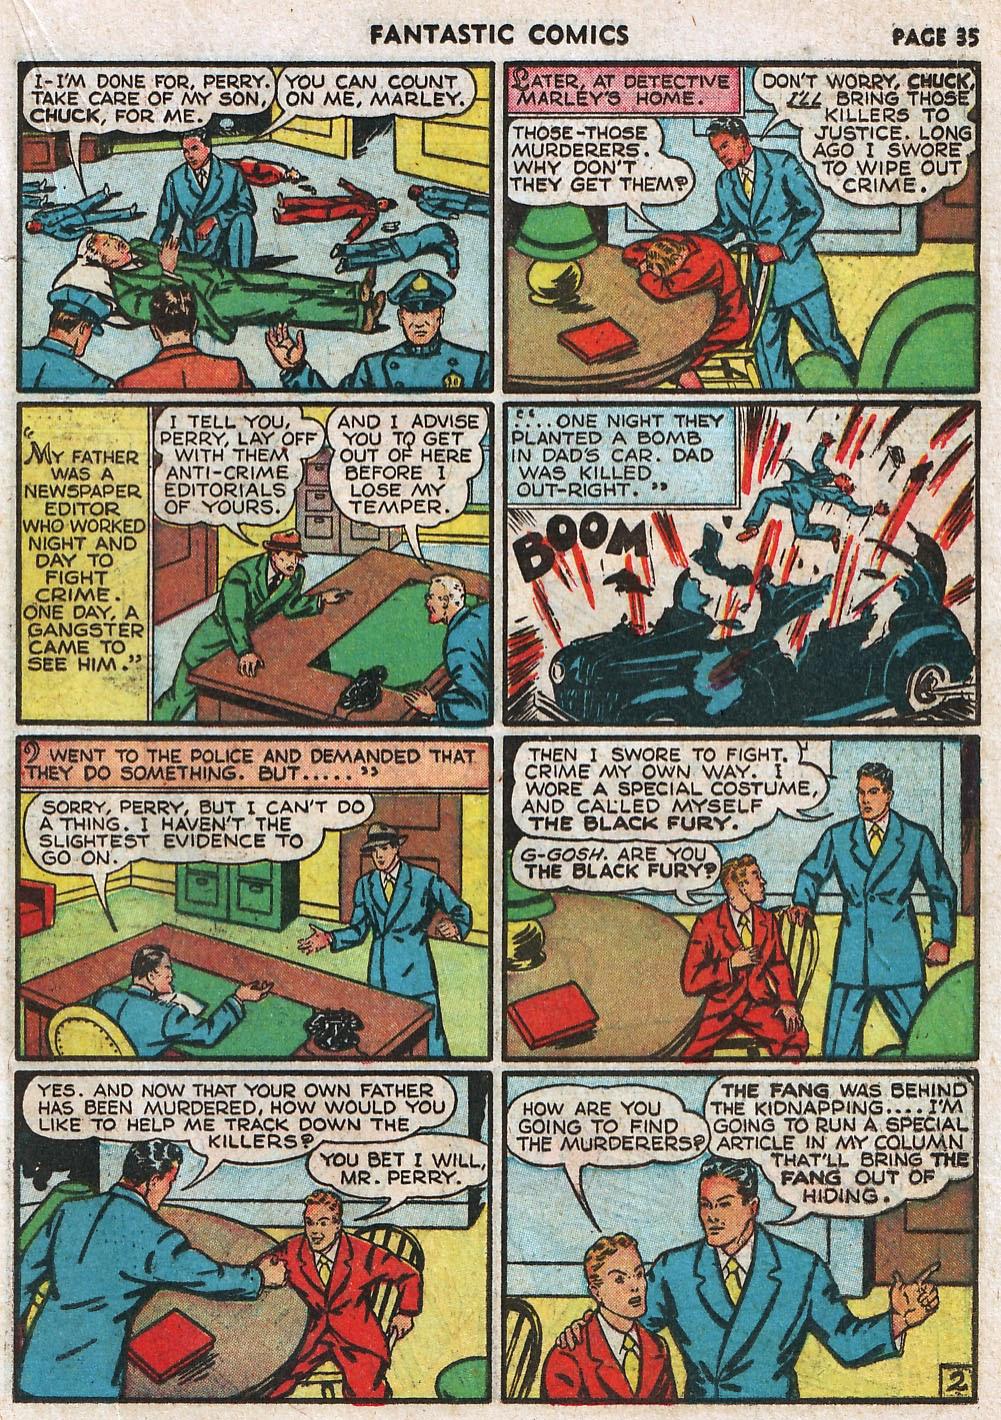 Read online Fantastic Comics comic -  Issue #17 - 36